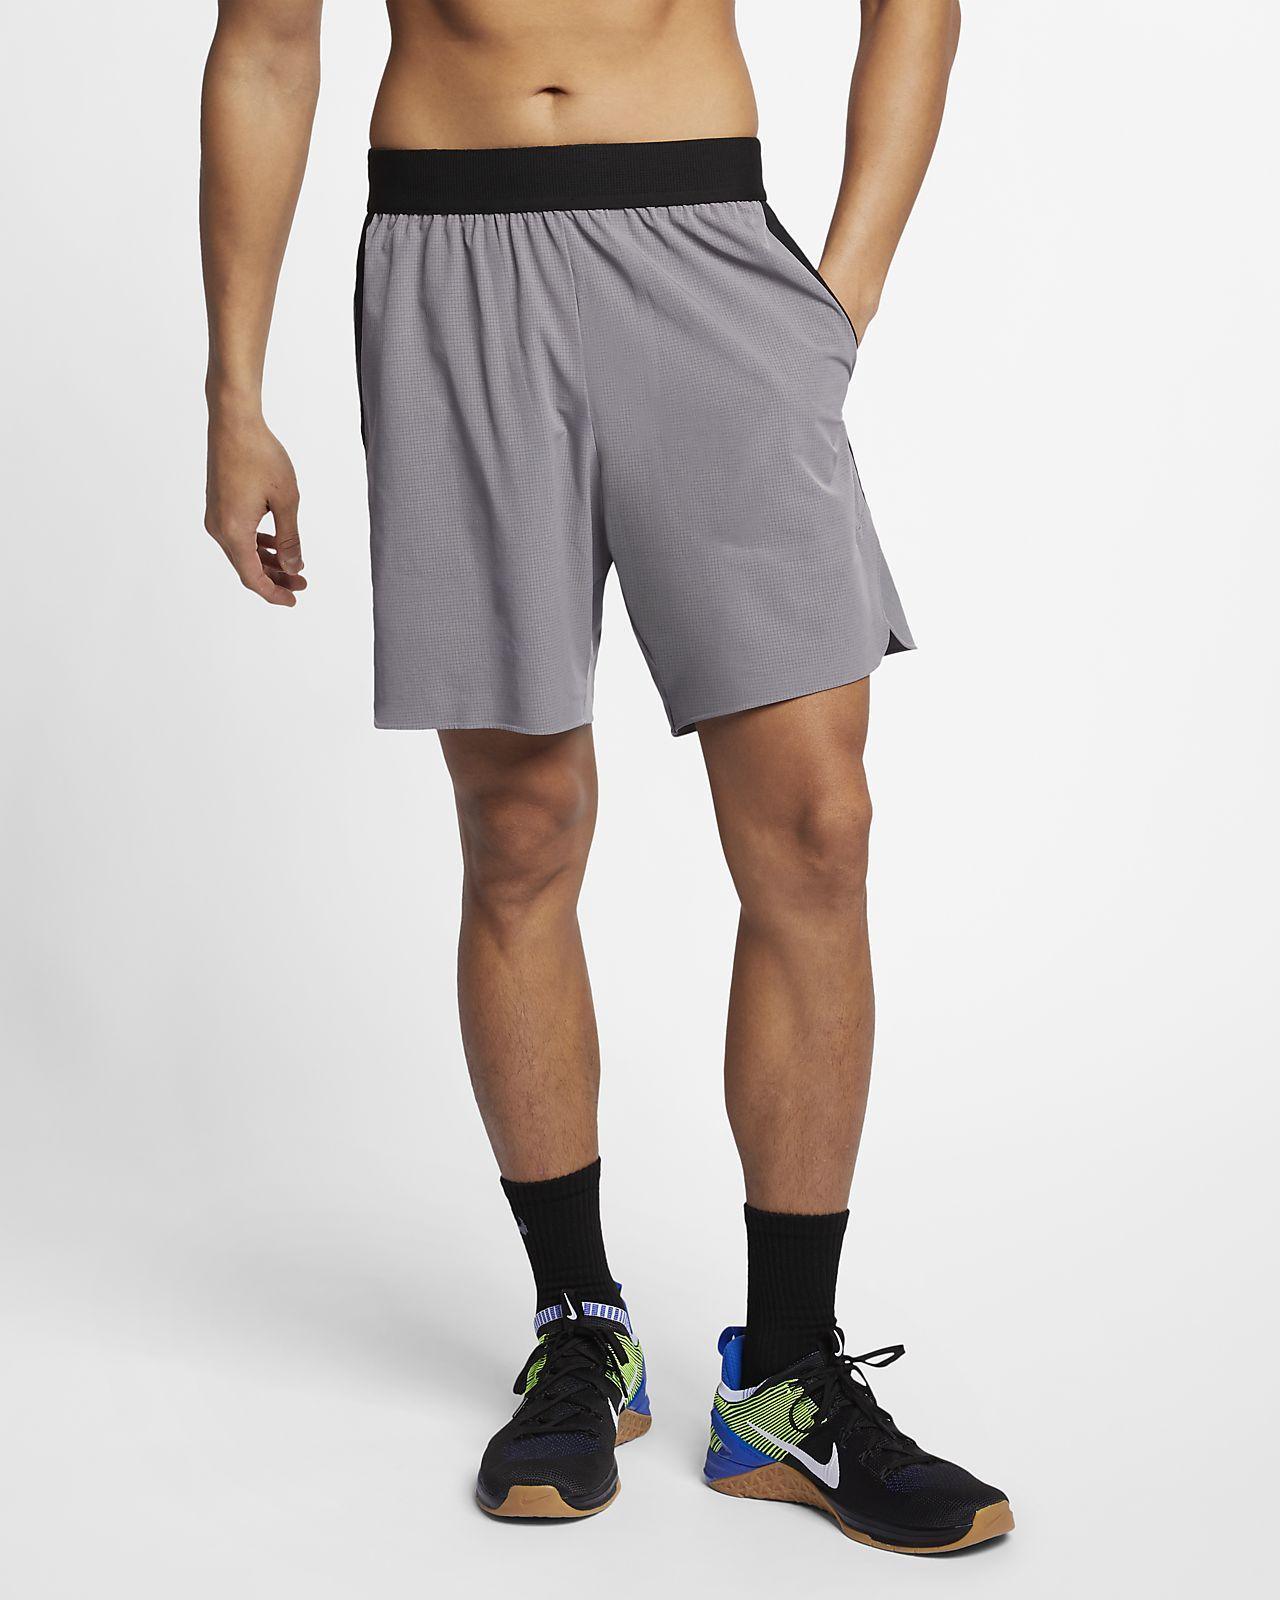 Ανδρικό σορτς προπόνησης Nike Flex Tech Pack